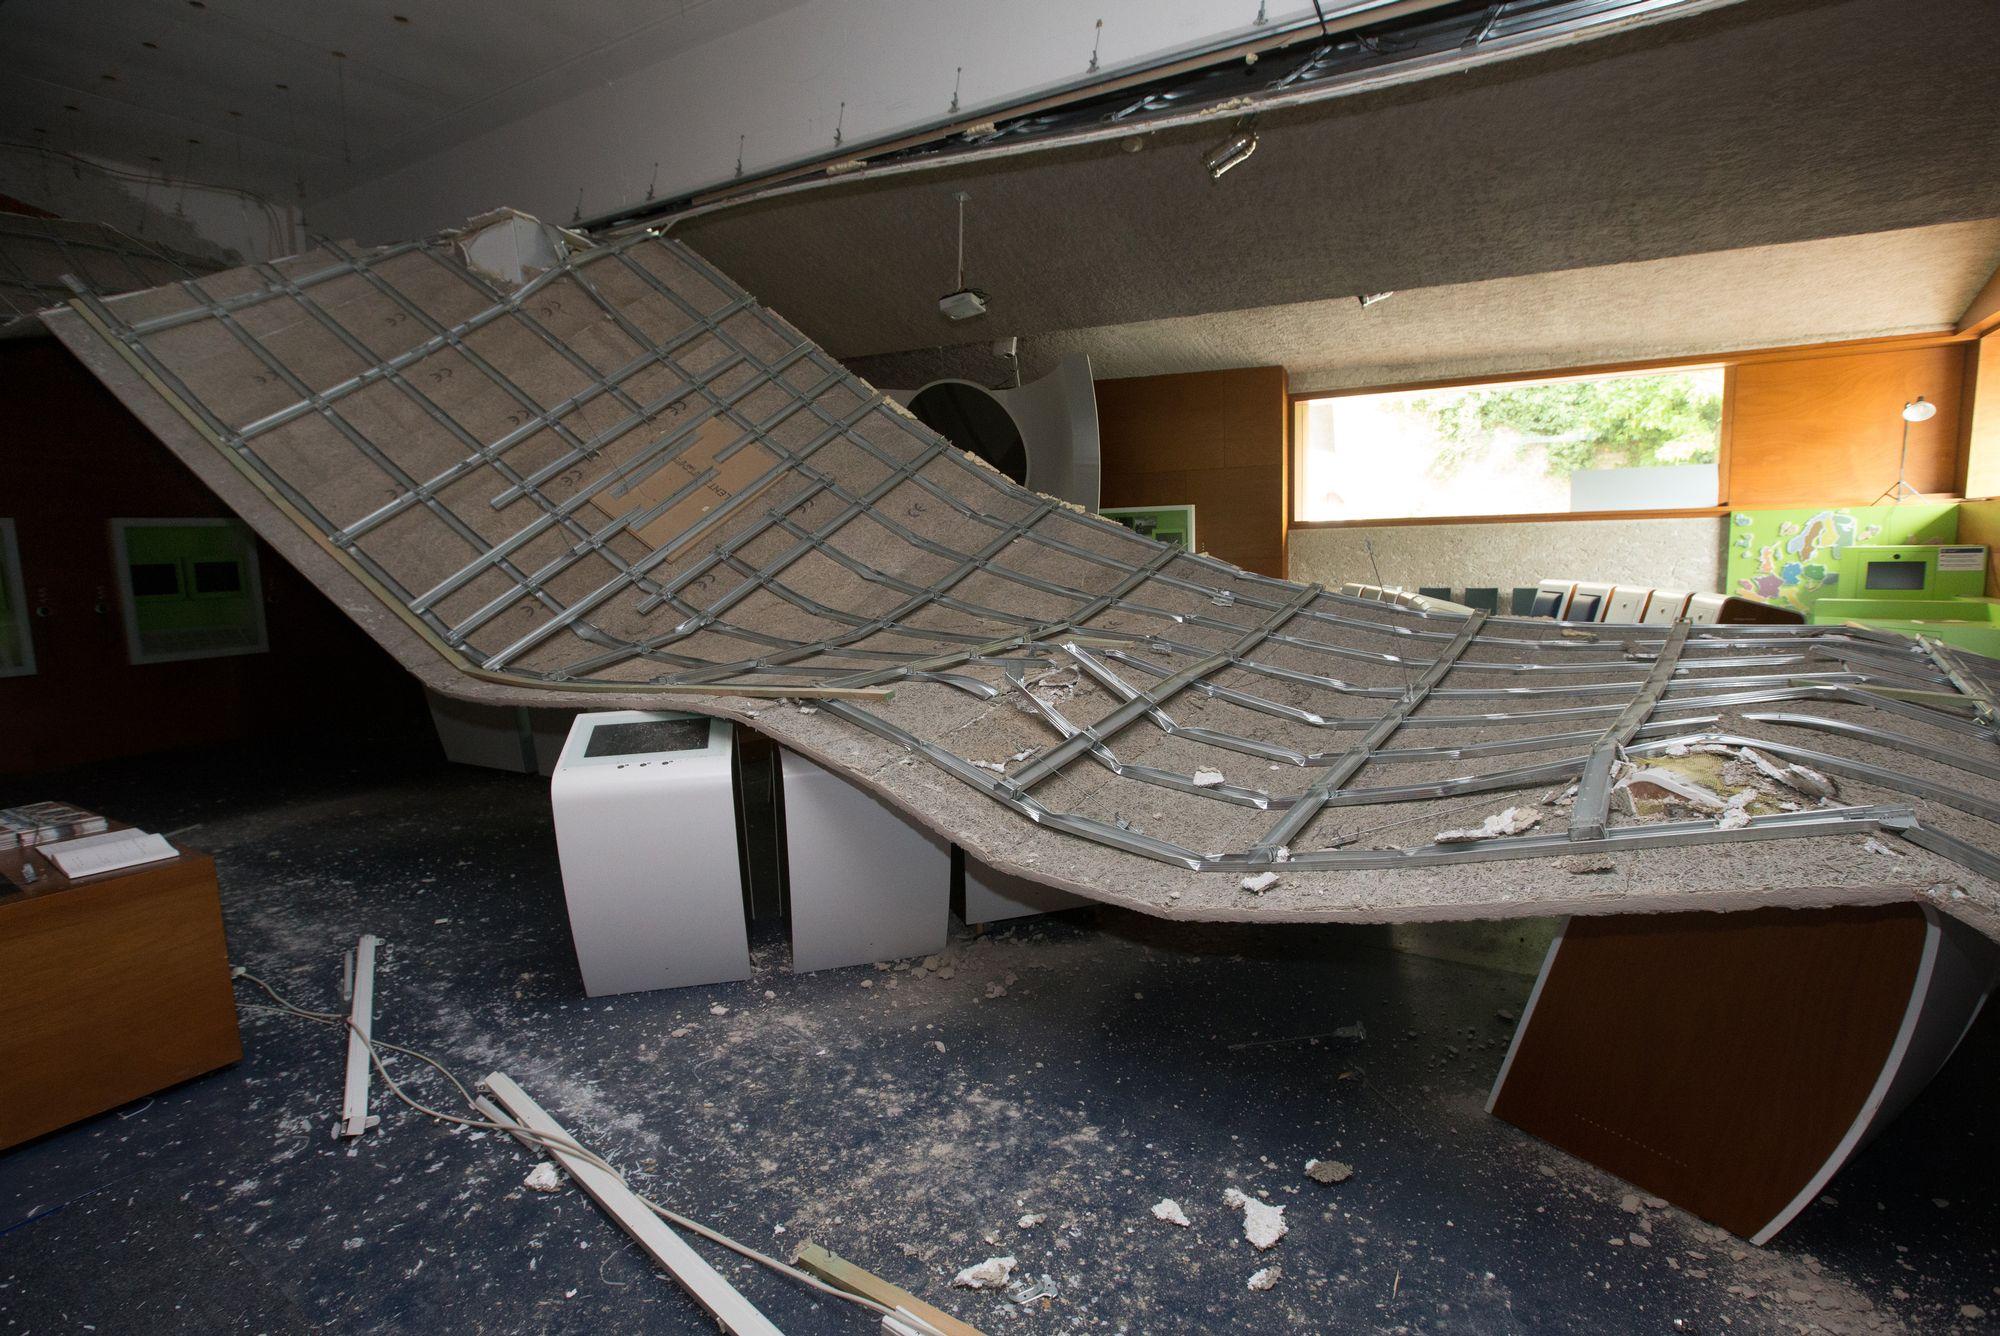 Le toit du mus e europ en de schengen s 39 effondre tout un for Superficie toiture